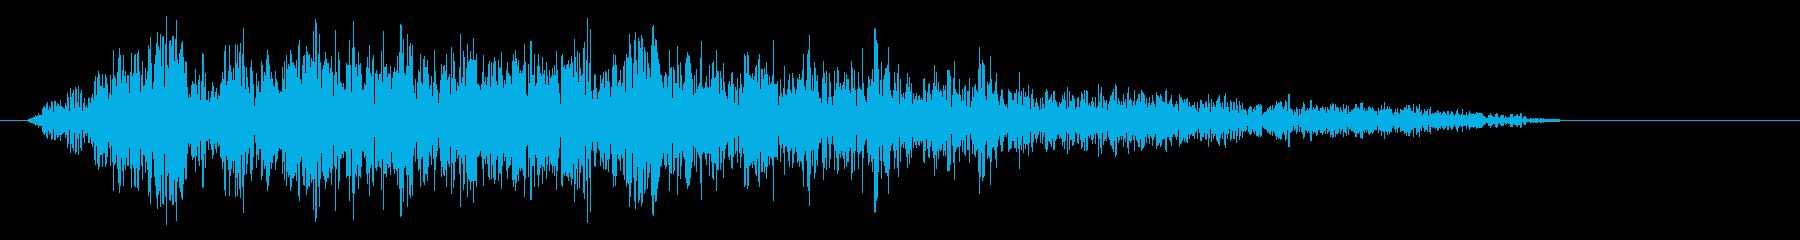 ザーッという摩擦系の音の再生済みの波形